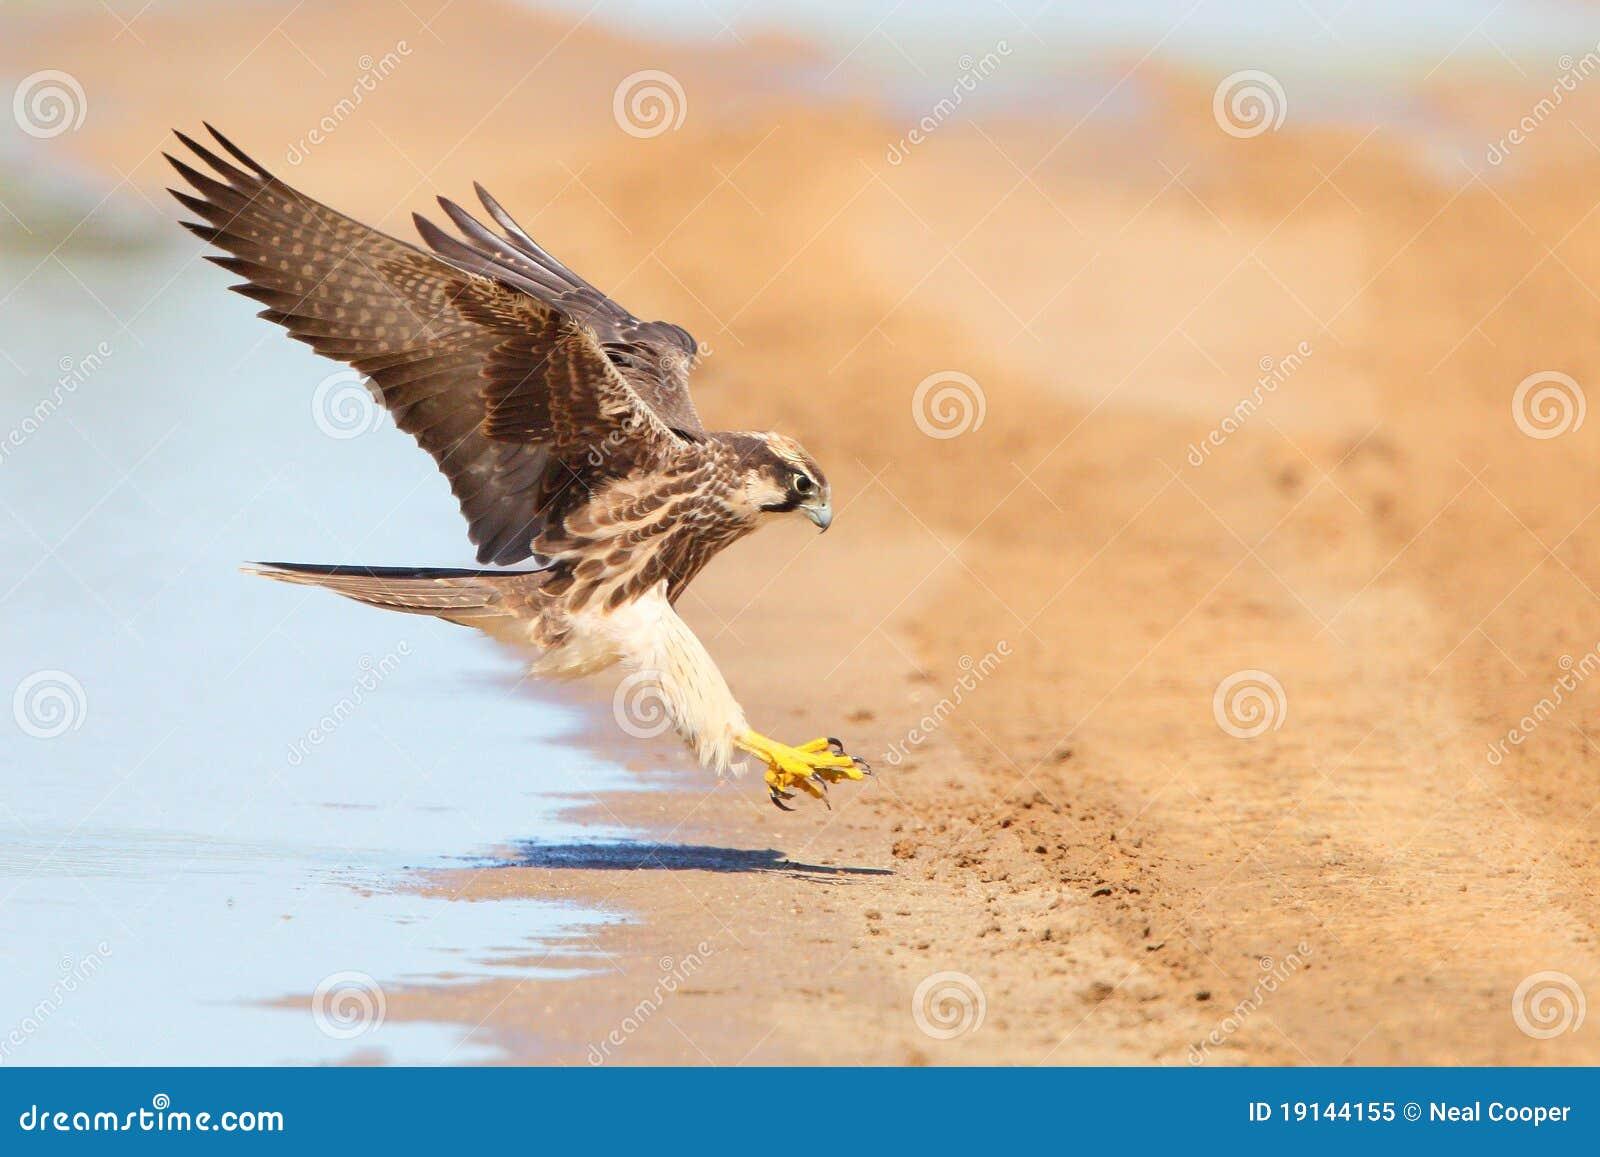 Lanner Falcon in flight landing near water